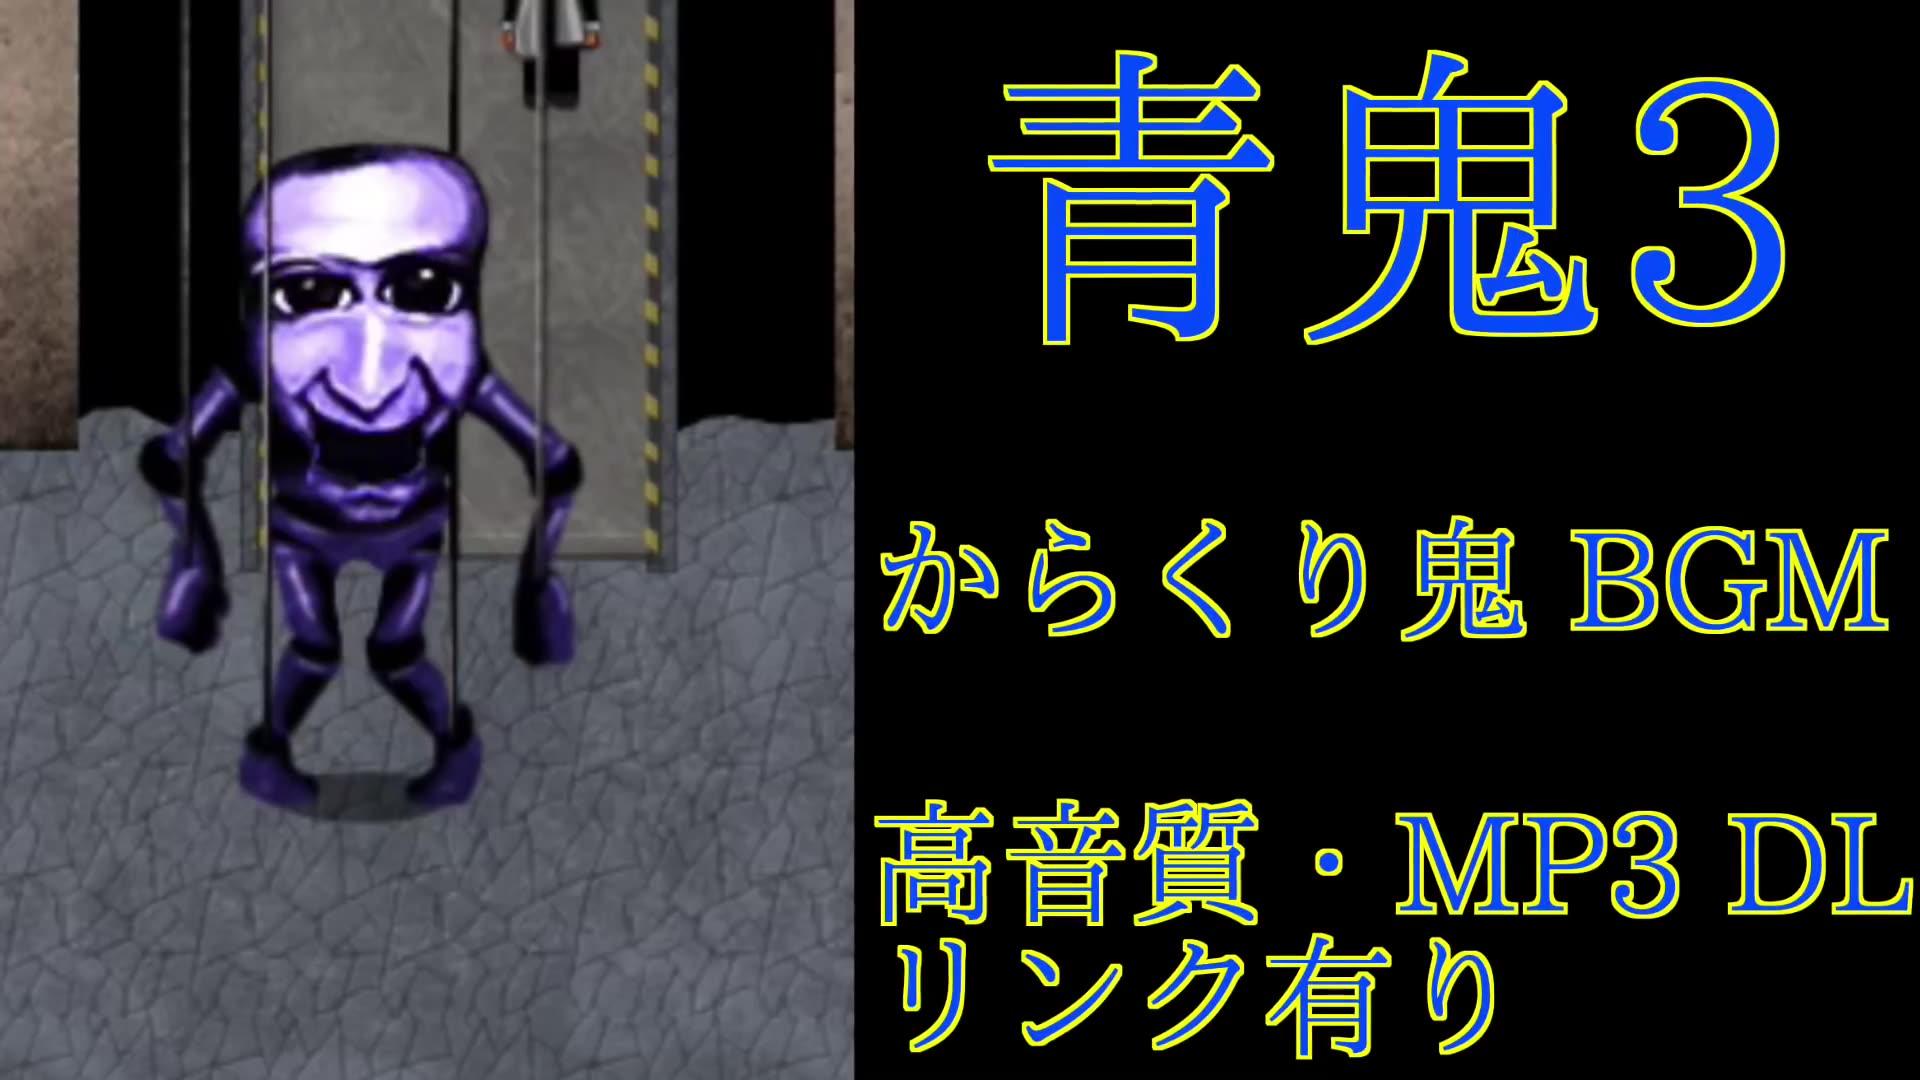 音 泉 ダウンロード mp3